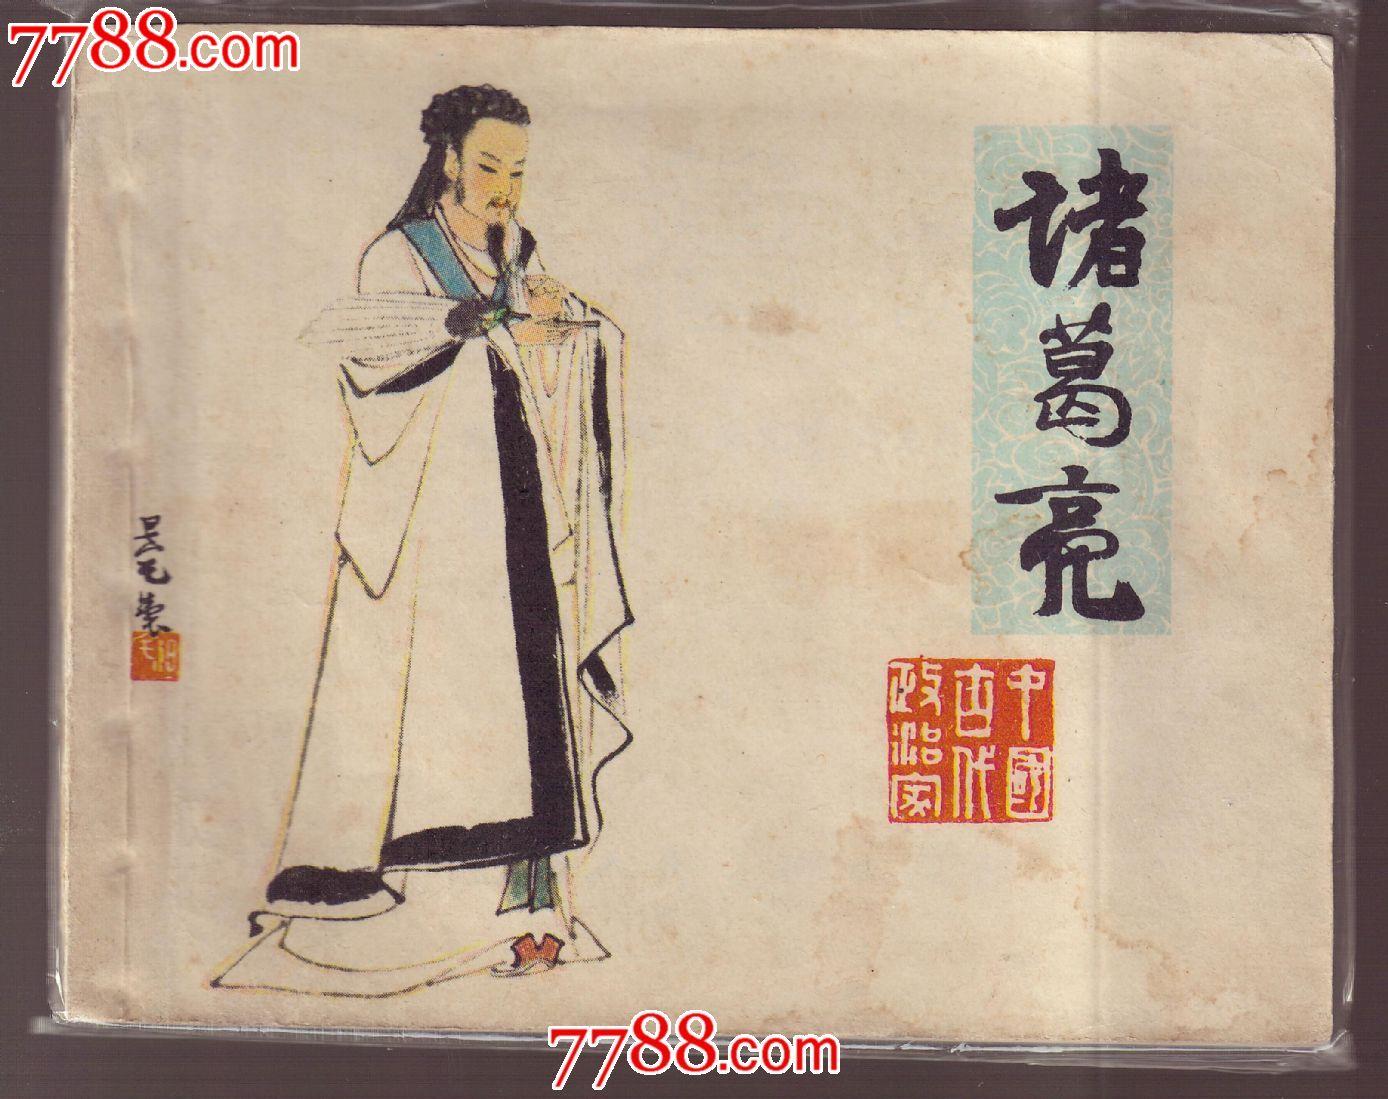 诸葛亮【中国古代政治家】徐有武绘画图片